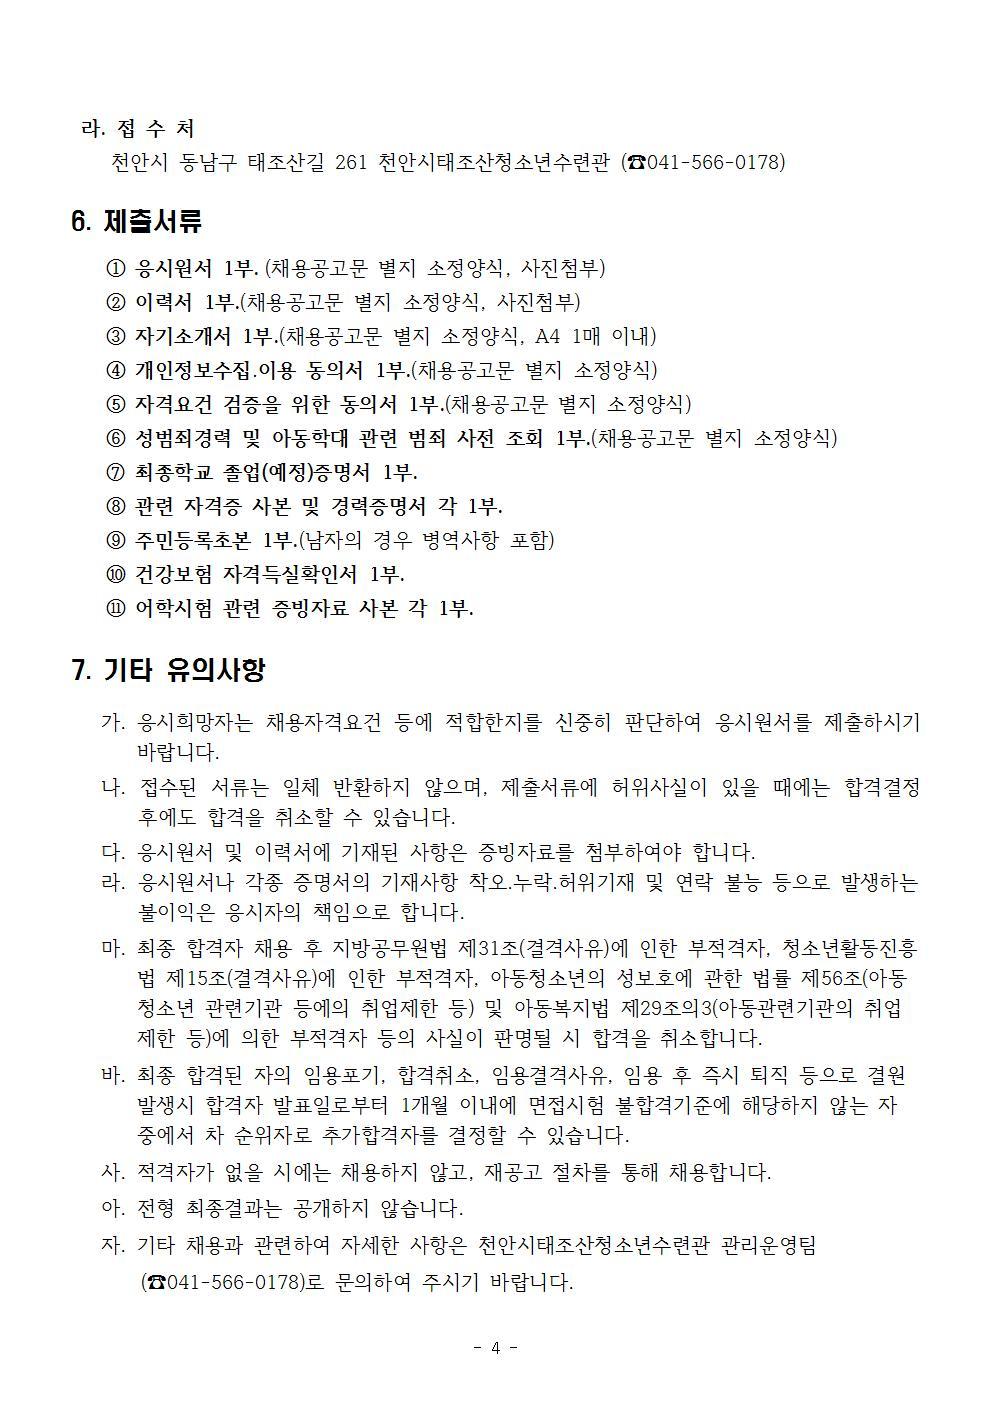 채용공고-배포용004.jpg